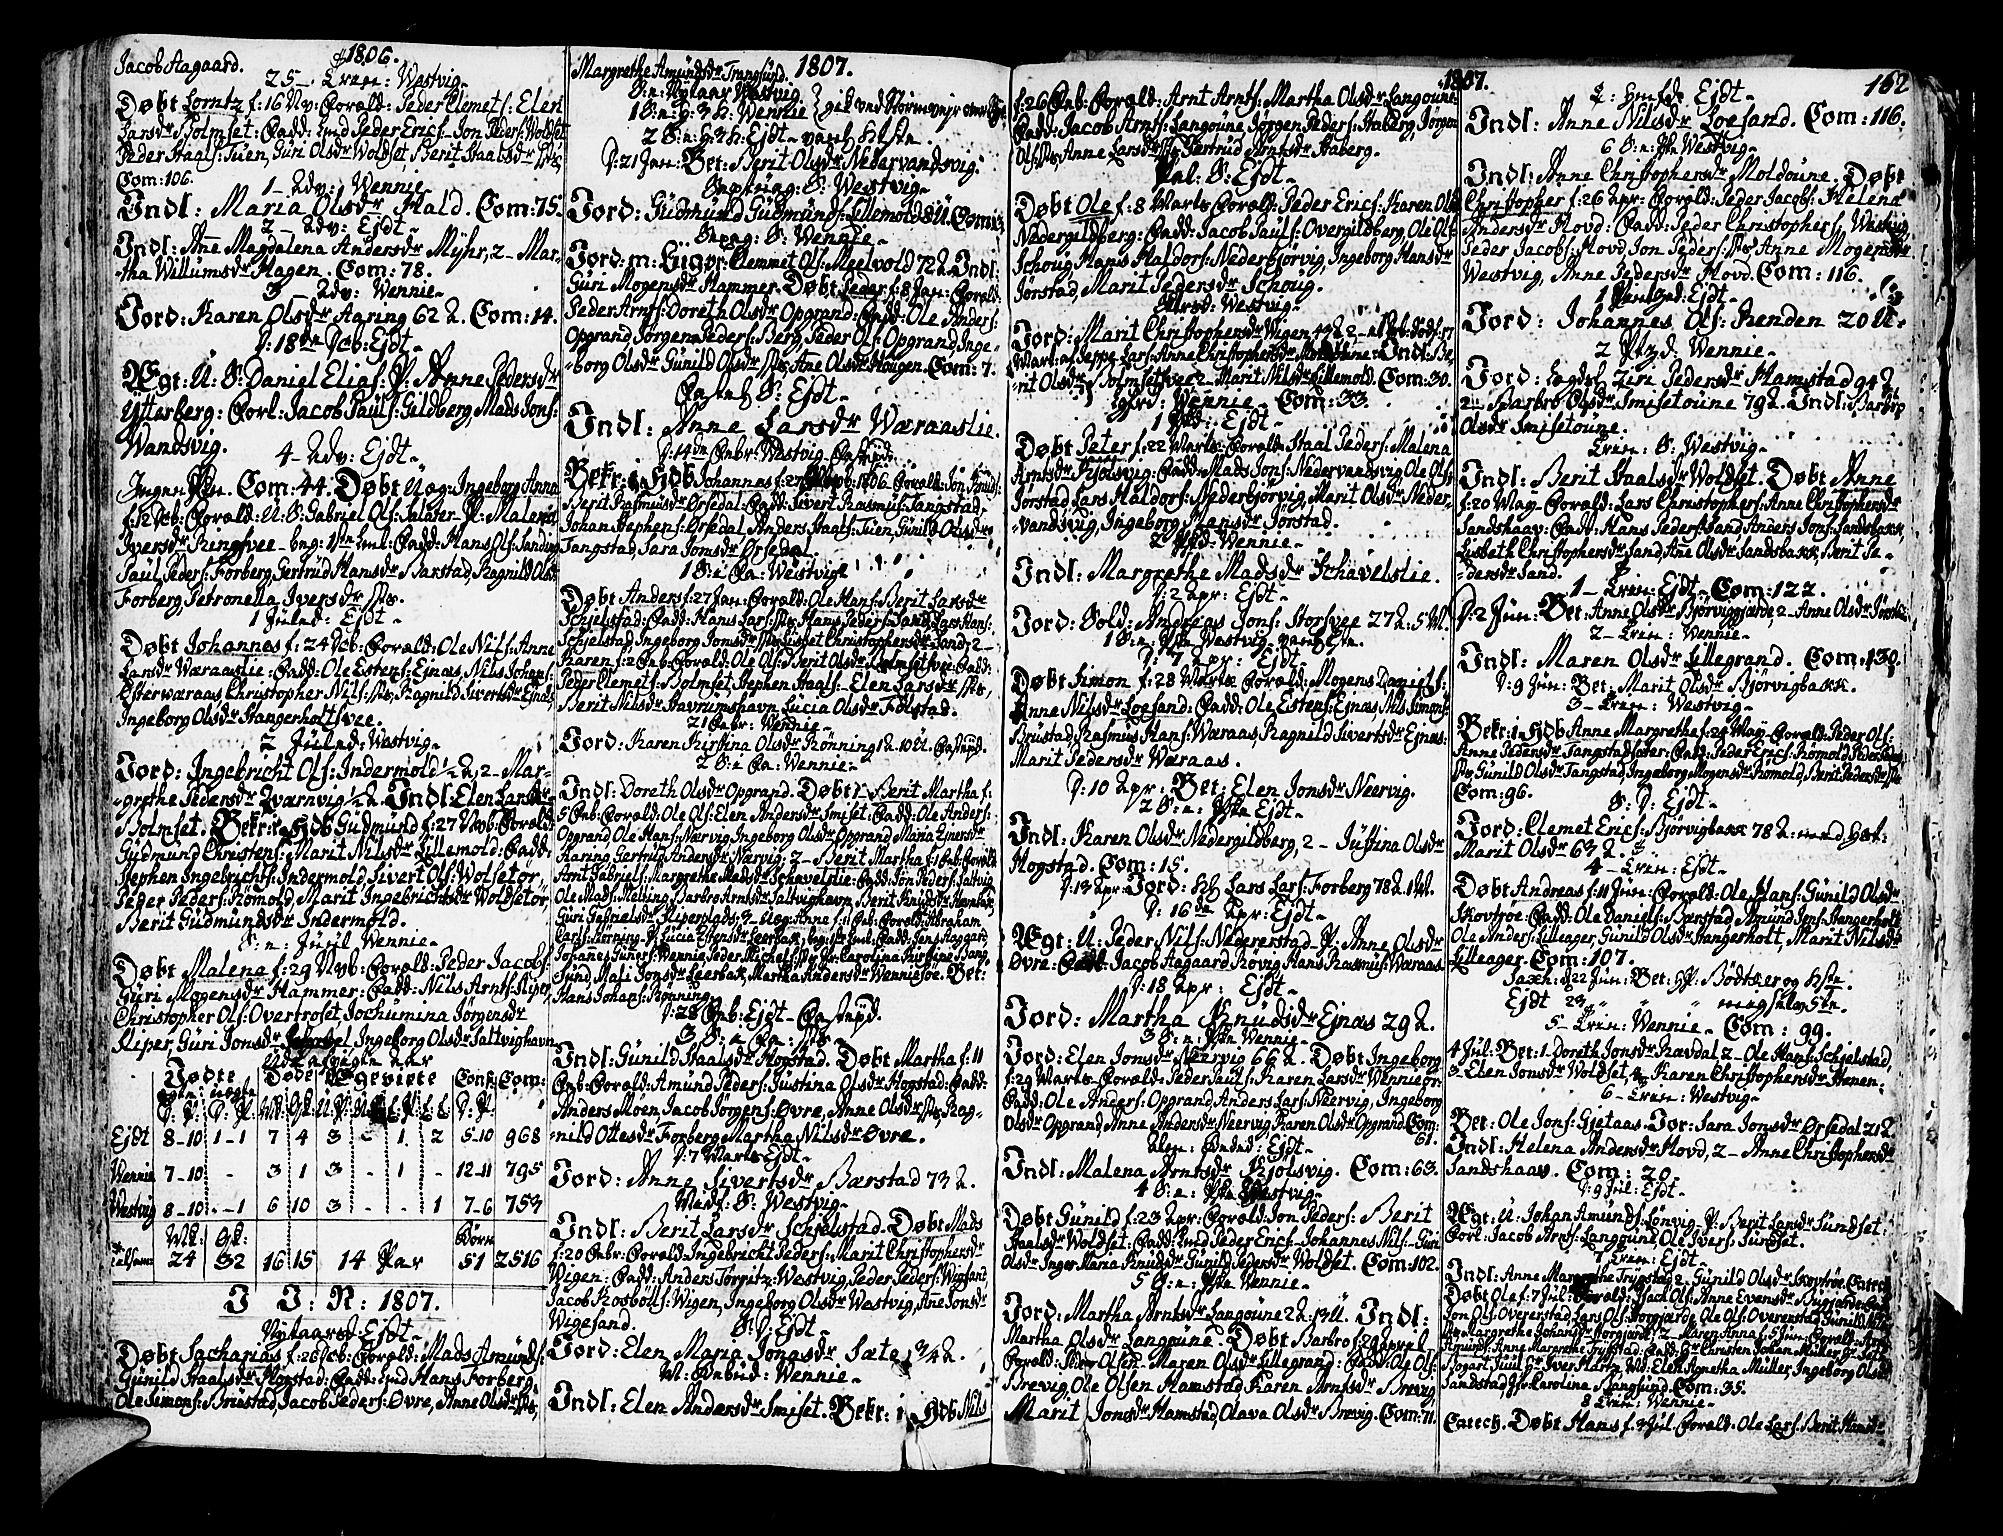 SAT, Ministerialprotokoller, klokkerbøker og fødselsregistre - Nord-Trøndelag, 722/L0216: Ministerialbok nr. 722A03, 1756-1816, s. 162